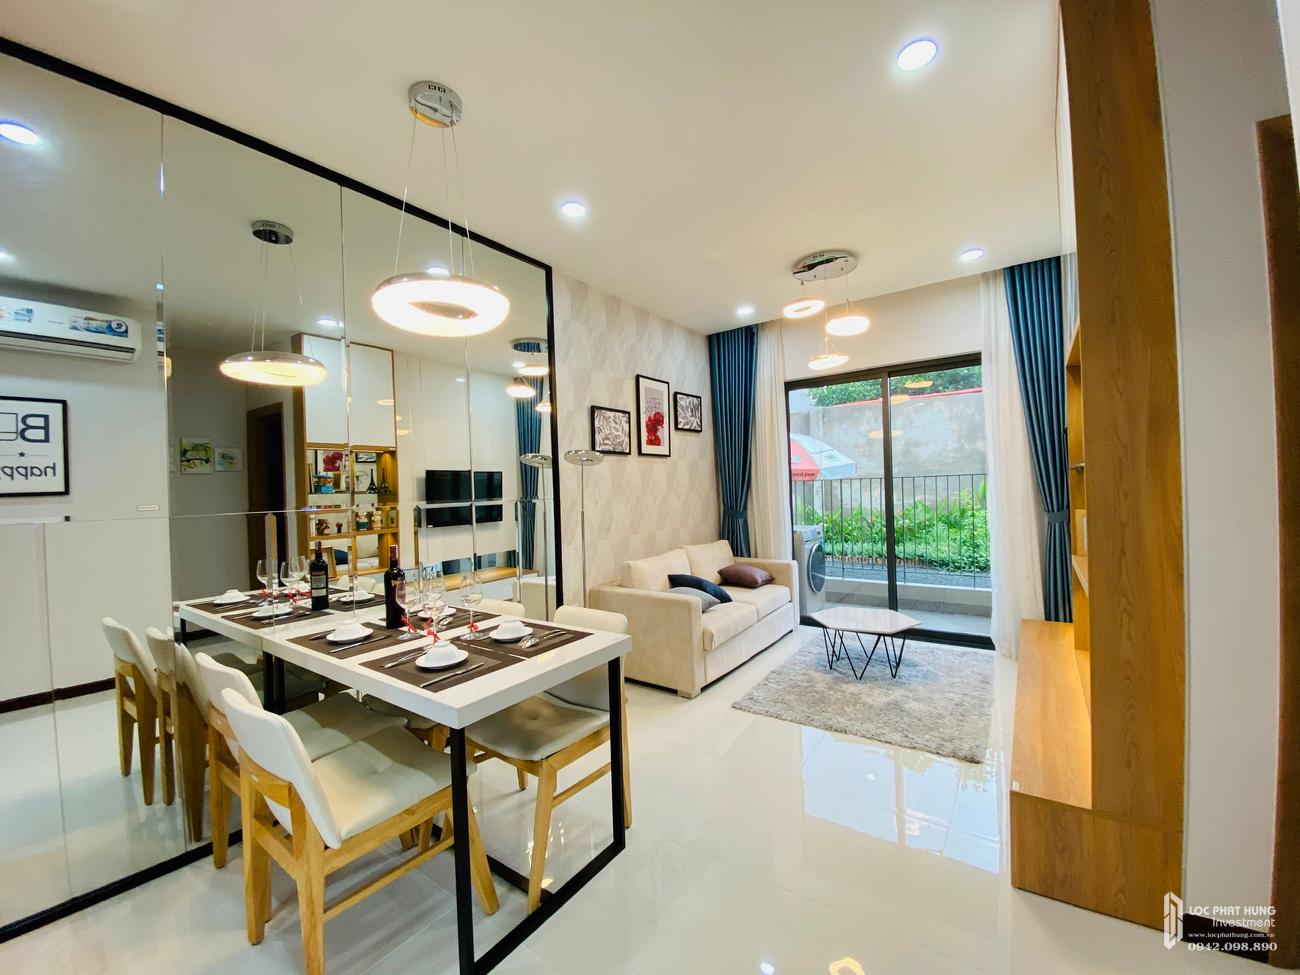 Nhà mẫu dự án căn hộ chung cư Bcons Sala Dĩ An Đường Thống Nhất chủ đầu tư Bcons